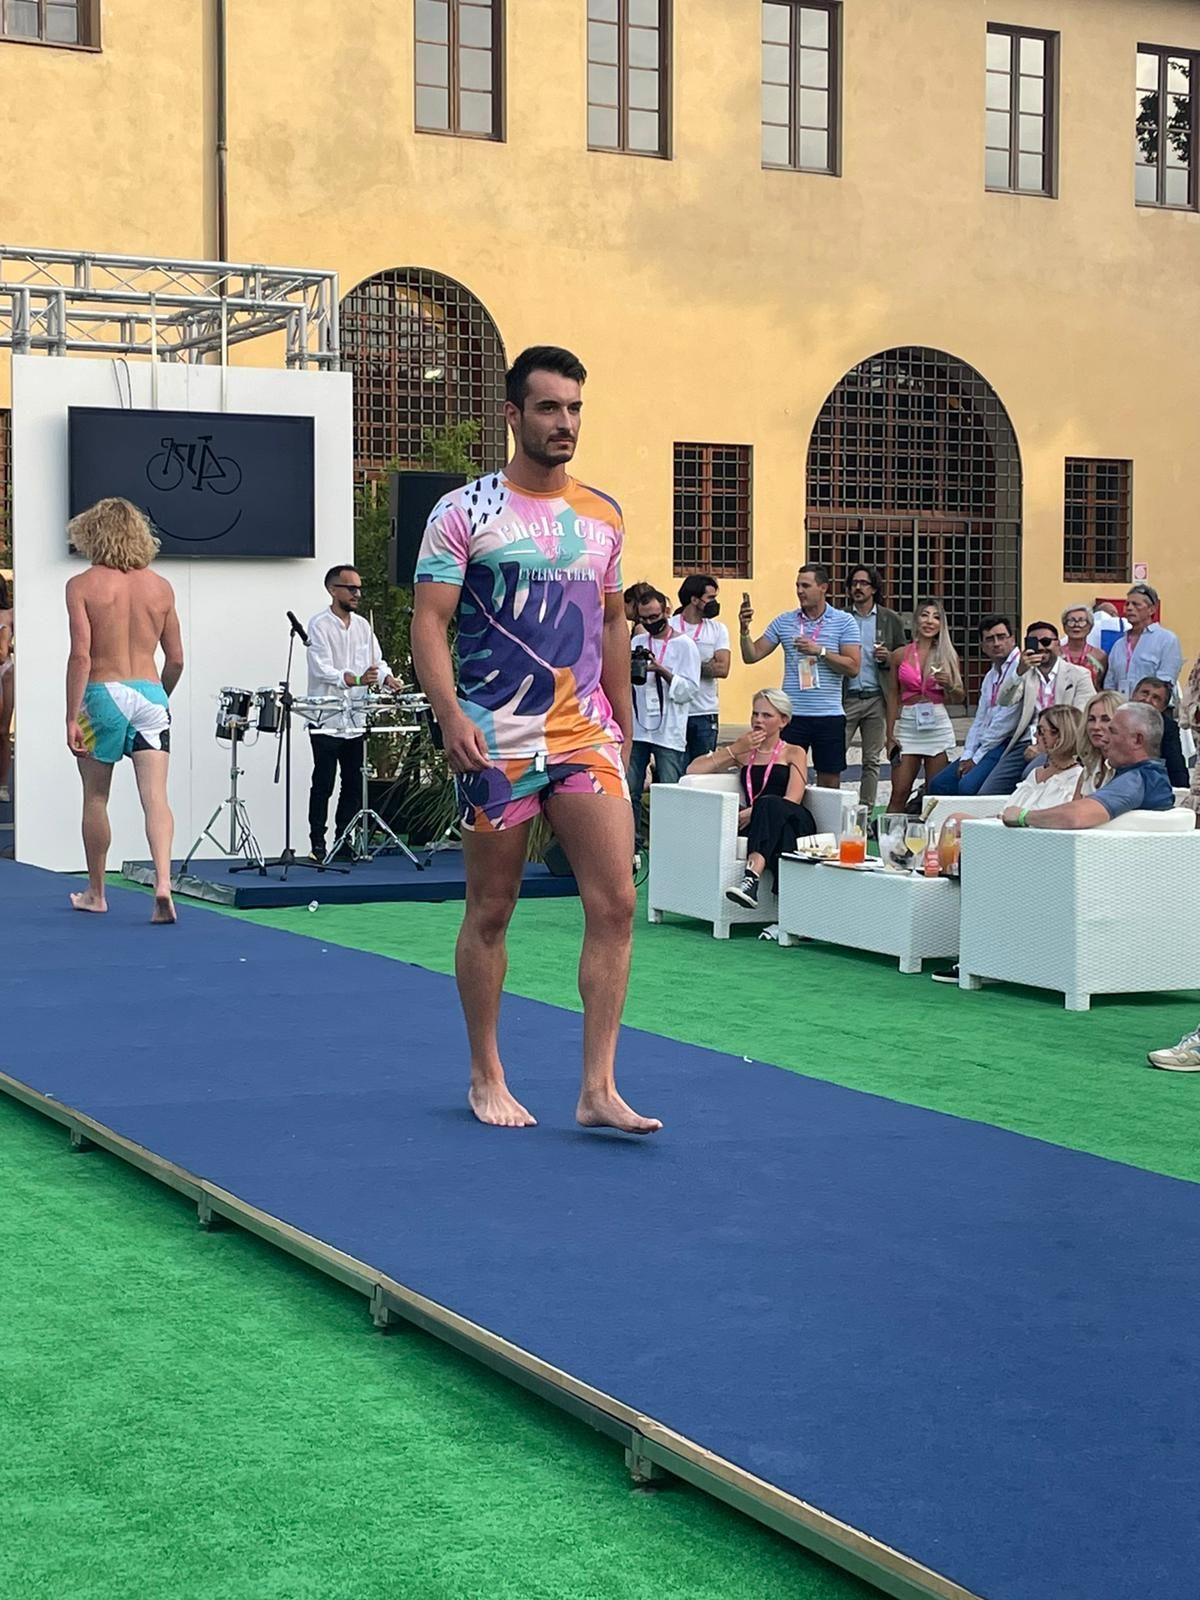 Moda Cálida participa en la Feria Internacional de Moda Baño Maredamare, en Florencia